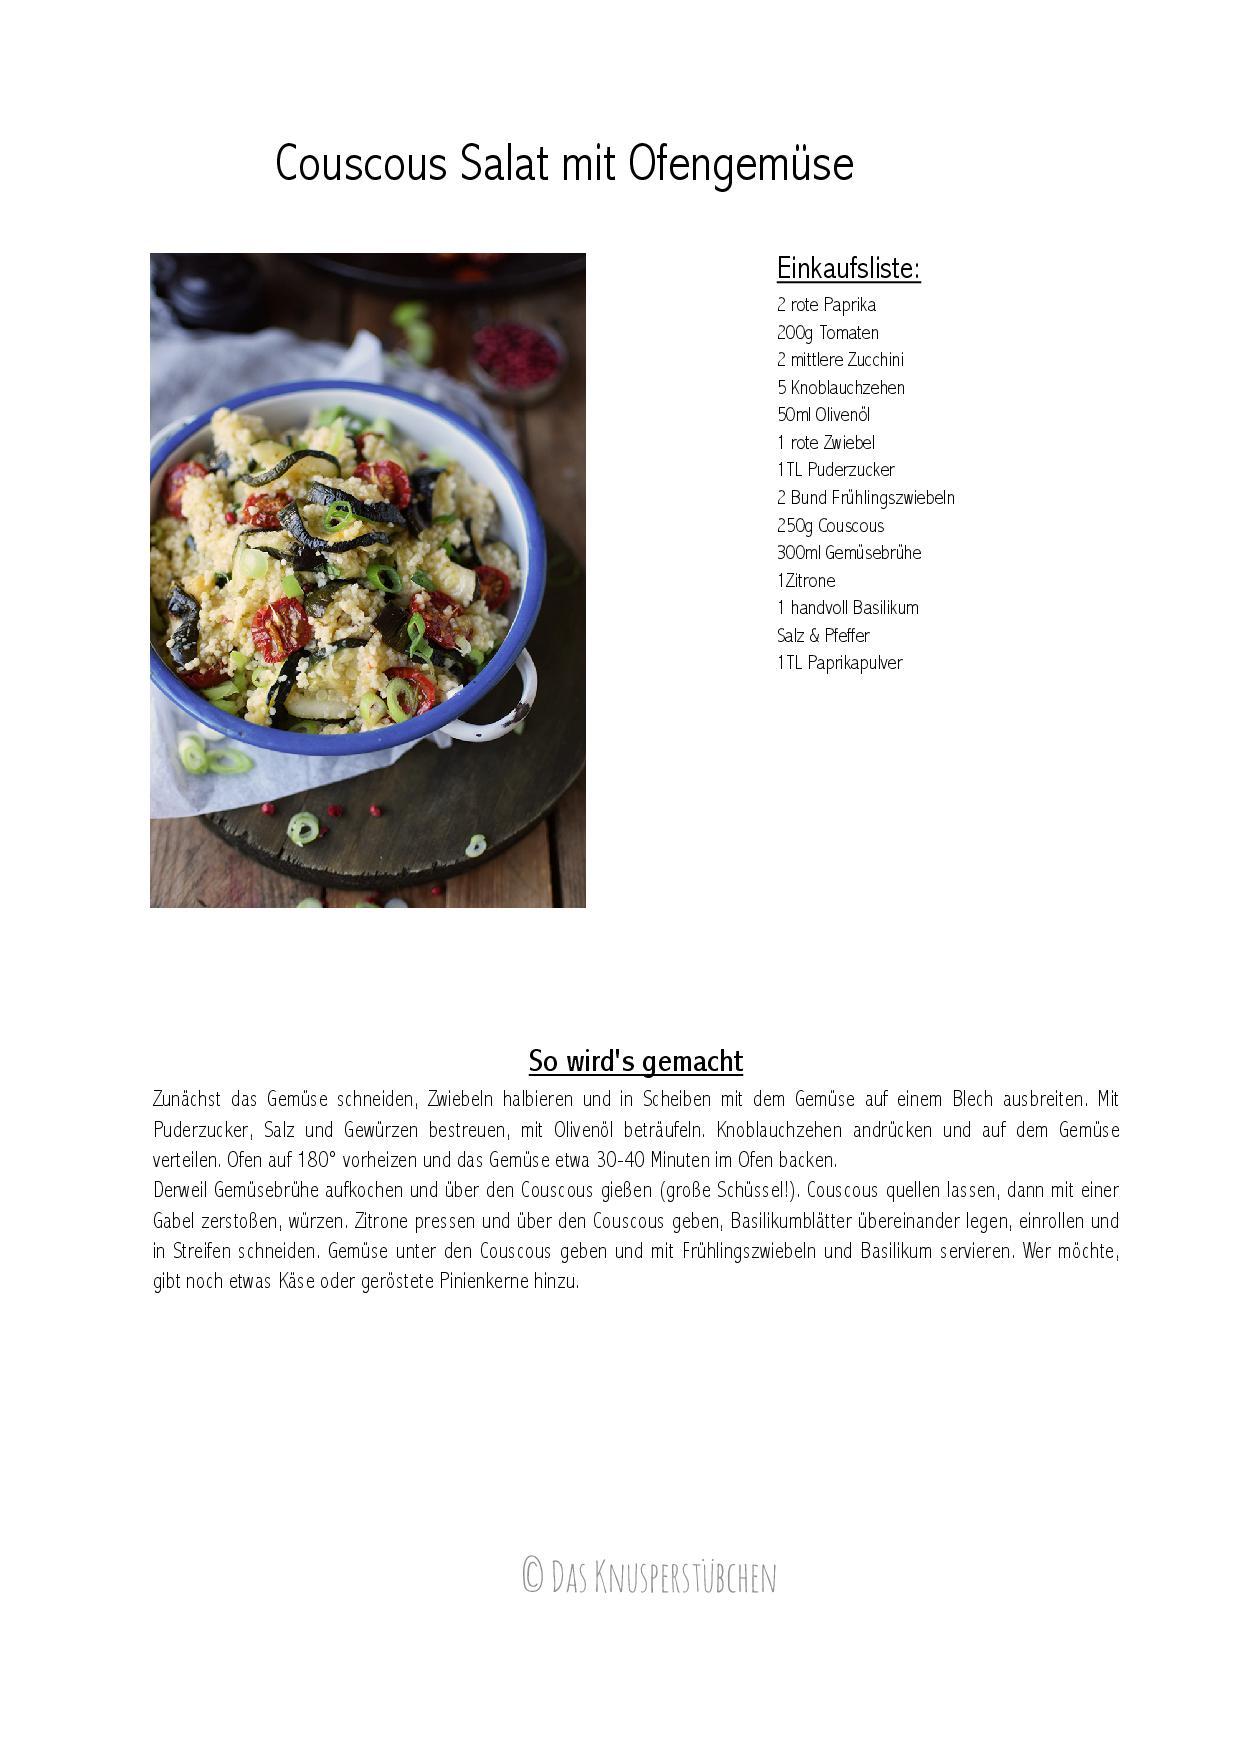 Couscous Salat mit Ofengemuese-001